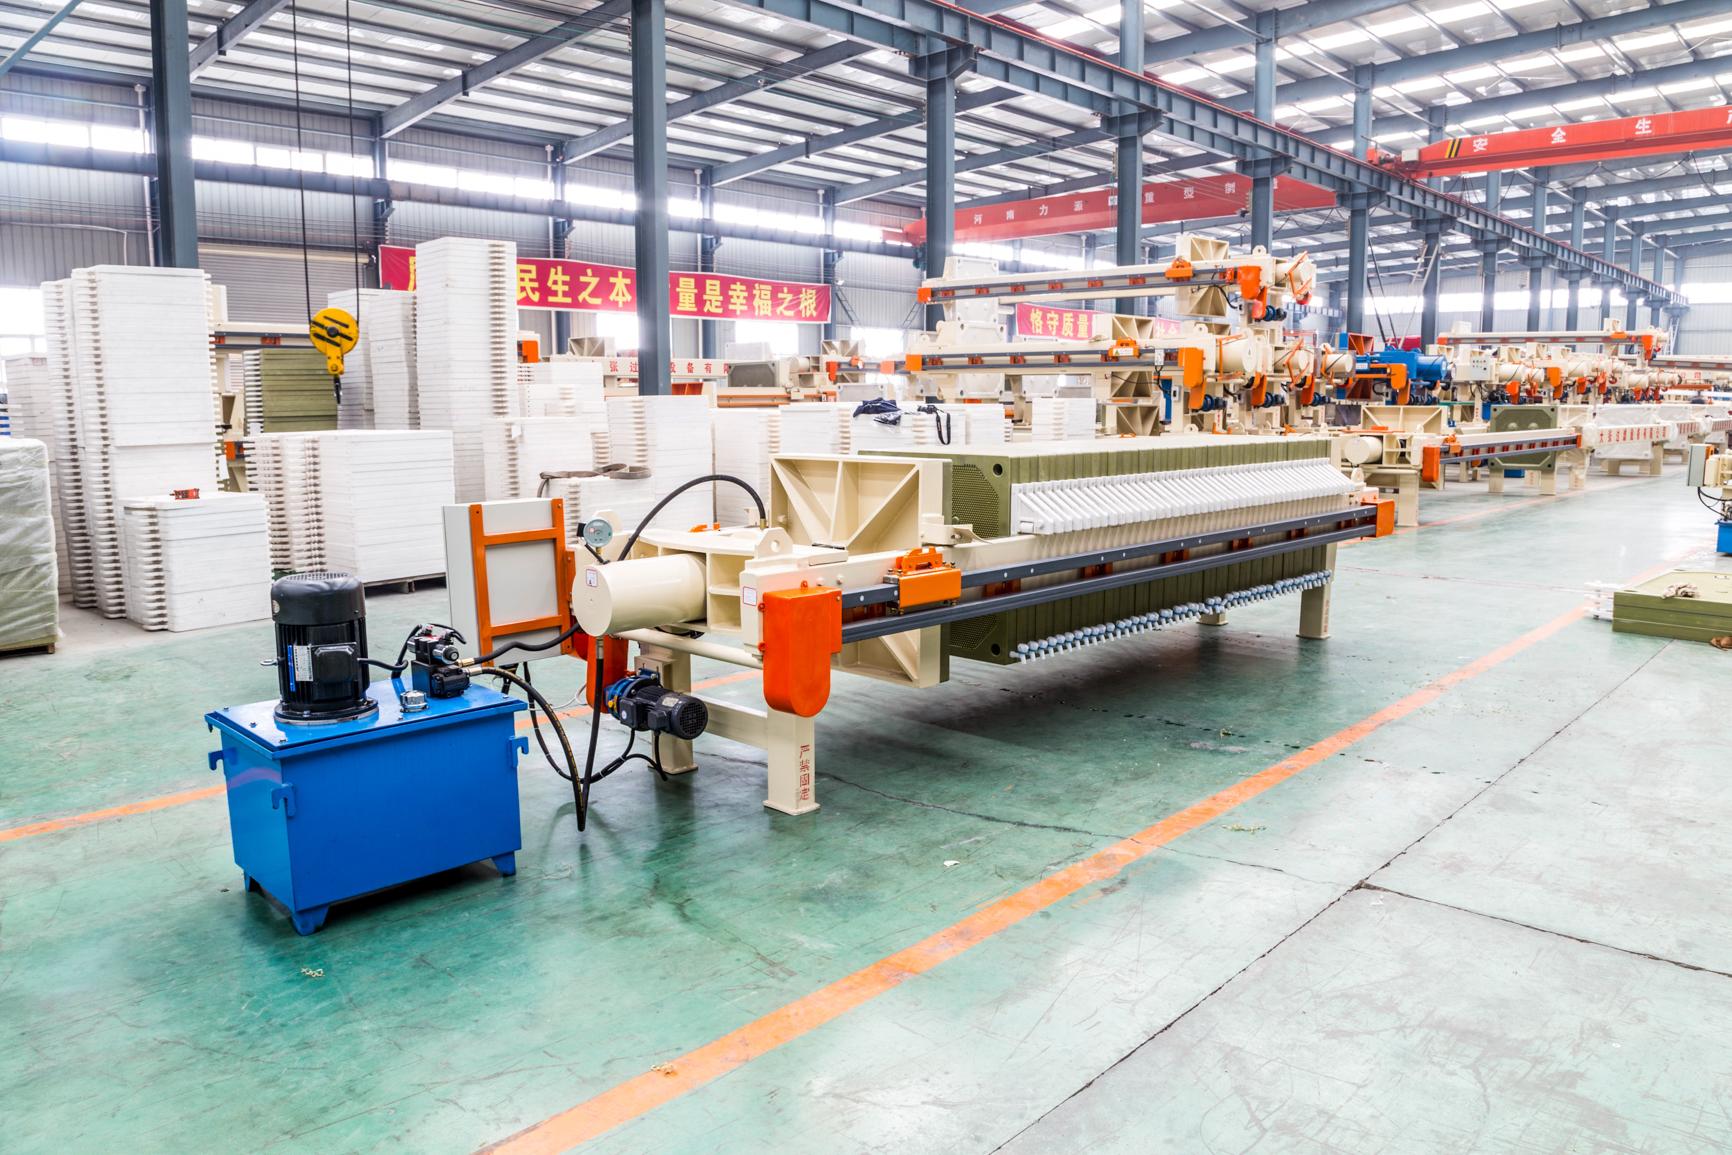 供应大张牌板框/隔膜/厢式压滤机厂家直销 品质保证78983055